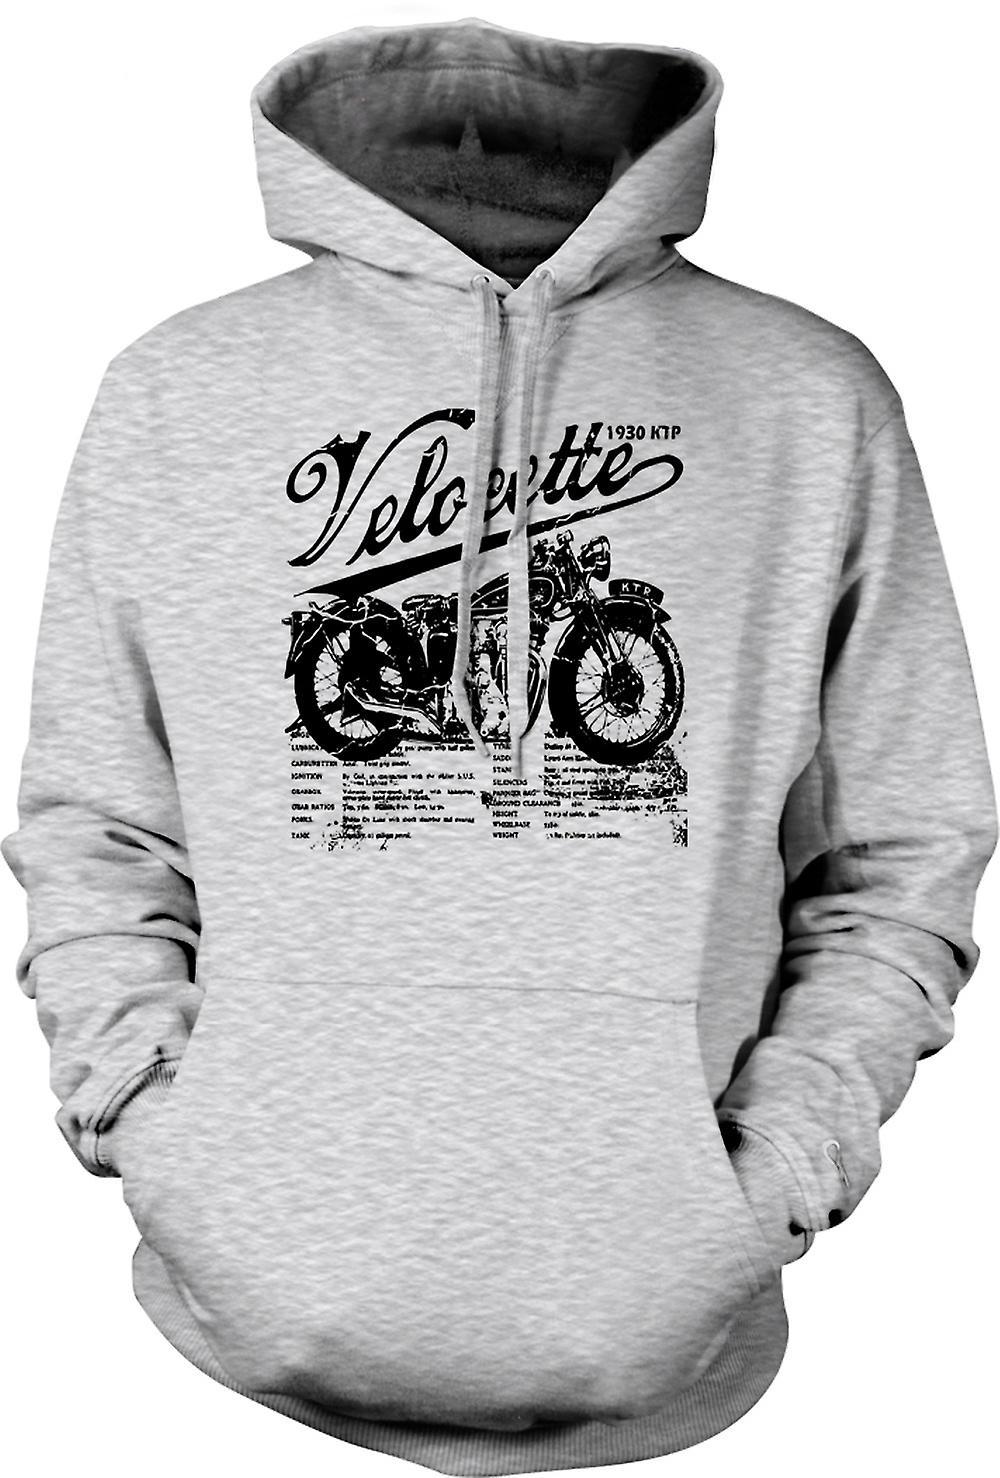 Mens Hoodie - Velocette KTP 1930 - Classic Bike